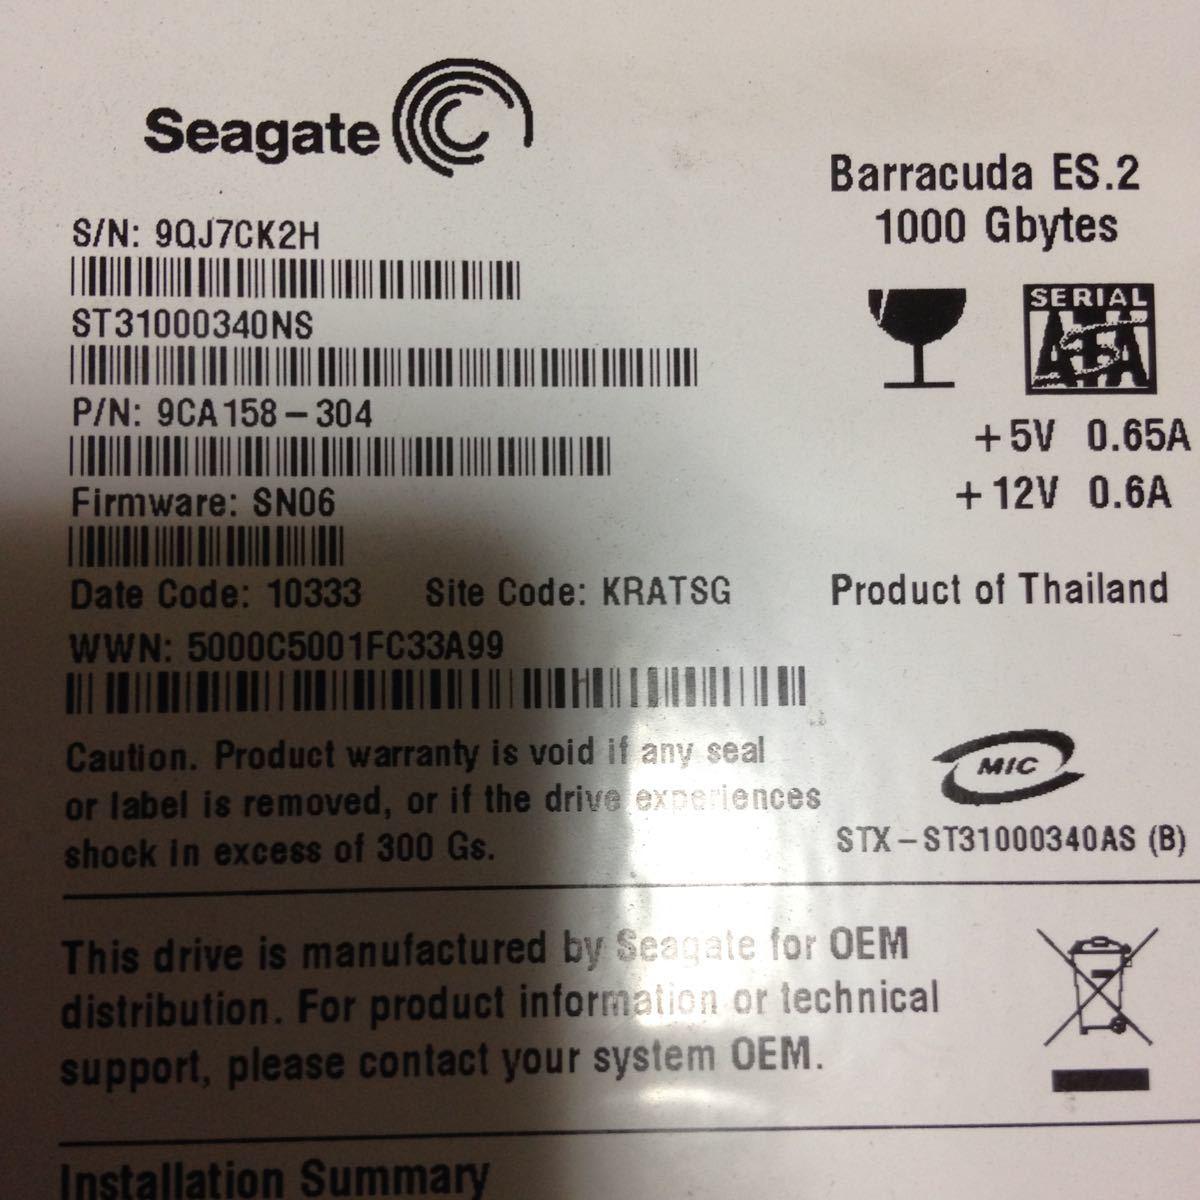 【ジャンク扱い】[HDD] Seagate Barracuda ES.2 1000GB ST31000340NS 9CA158-304 1TB 1.0TB_画像3